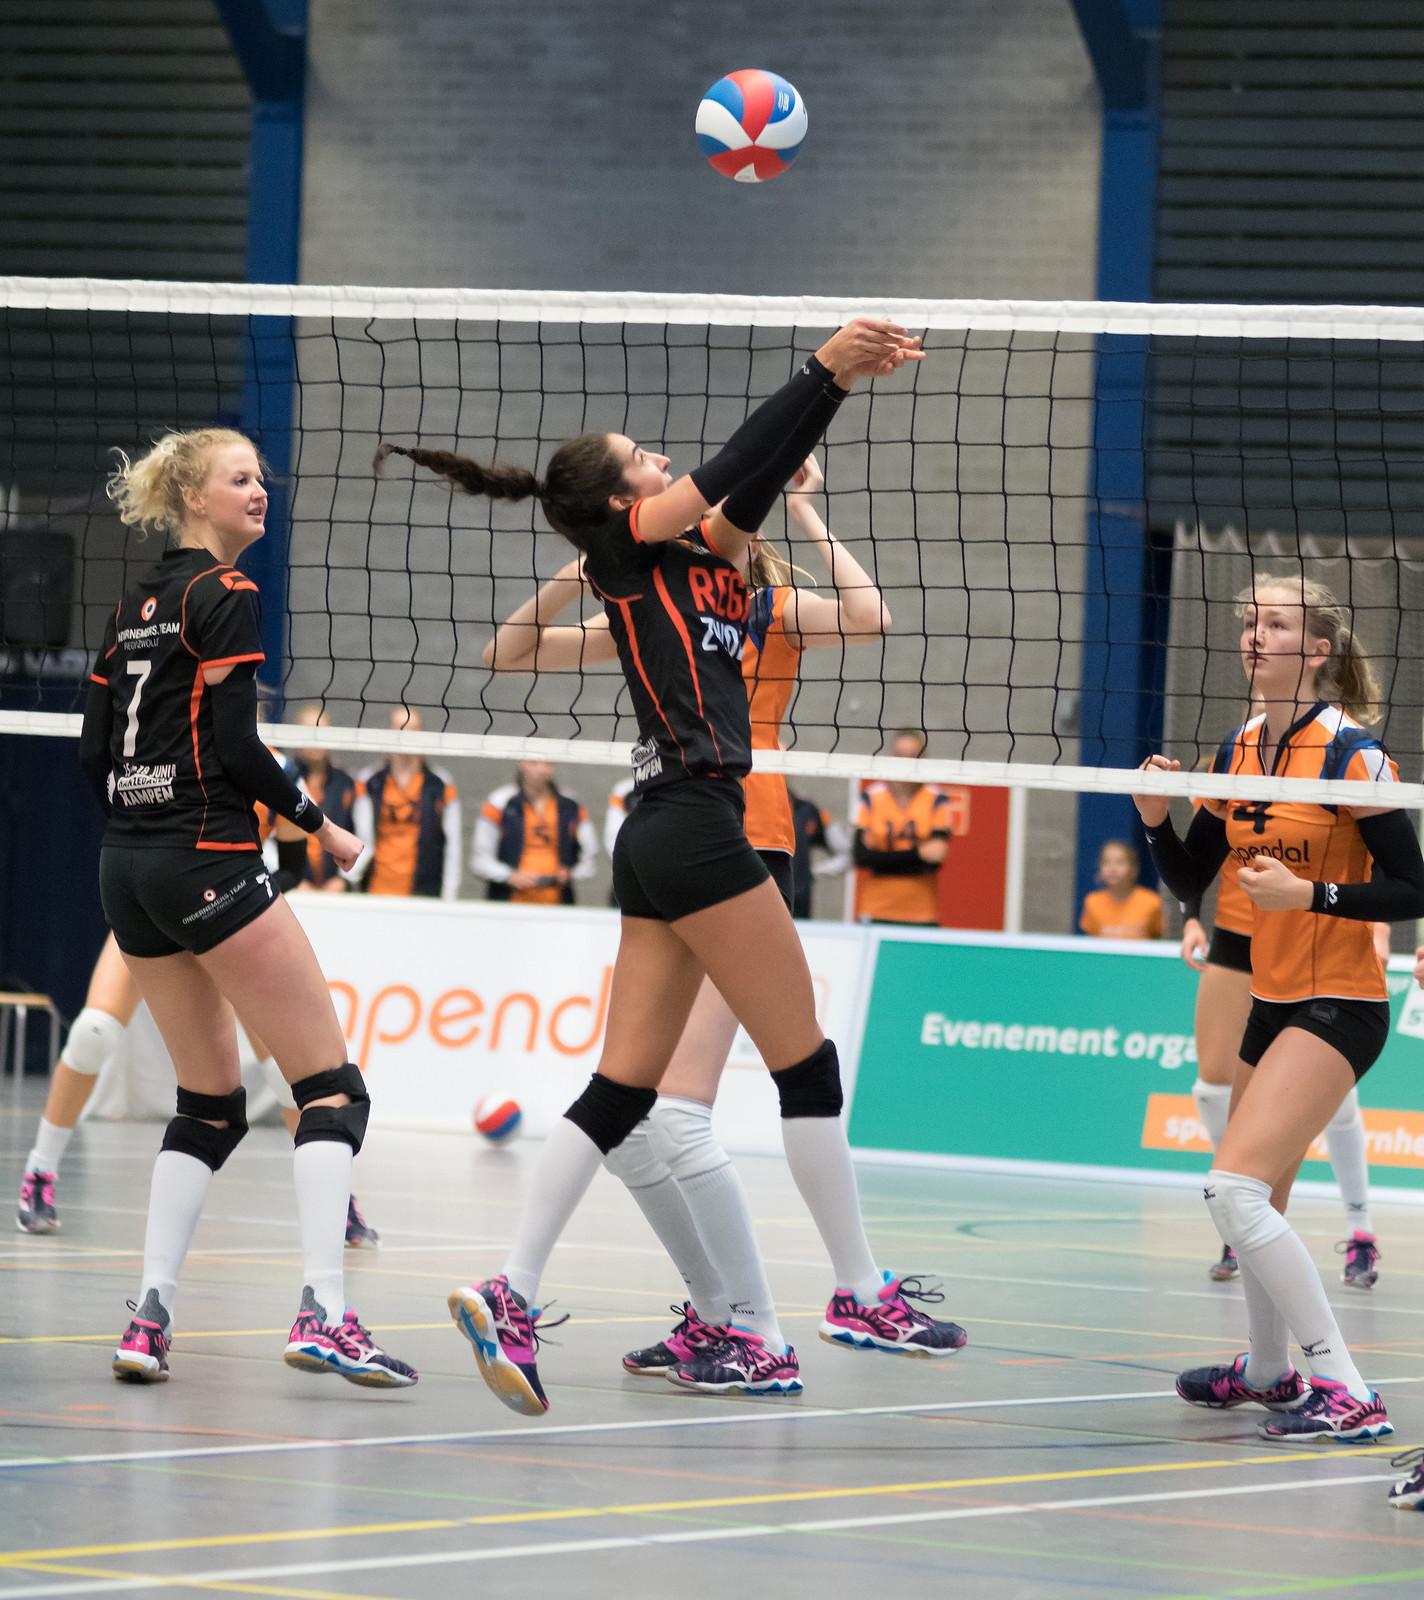 Papendal/TT team - Regio Zwolle Volleybal (1 - 3)